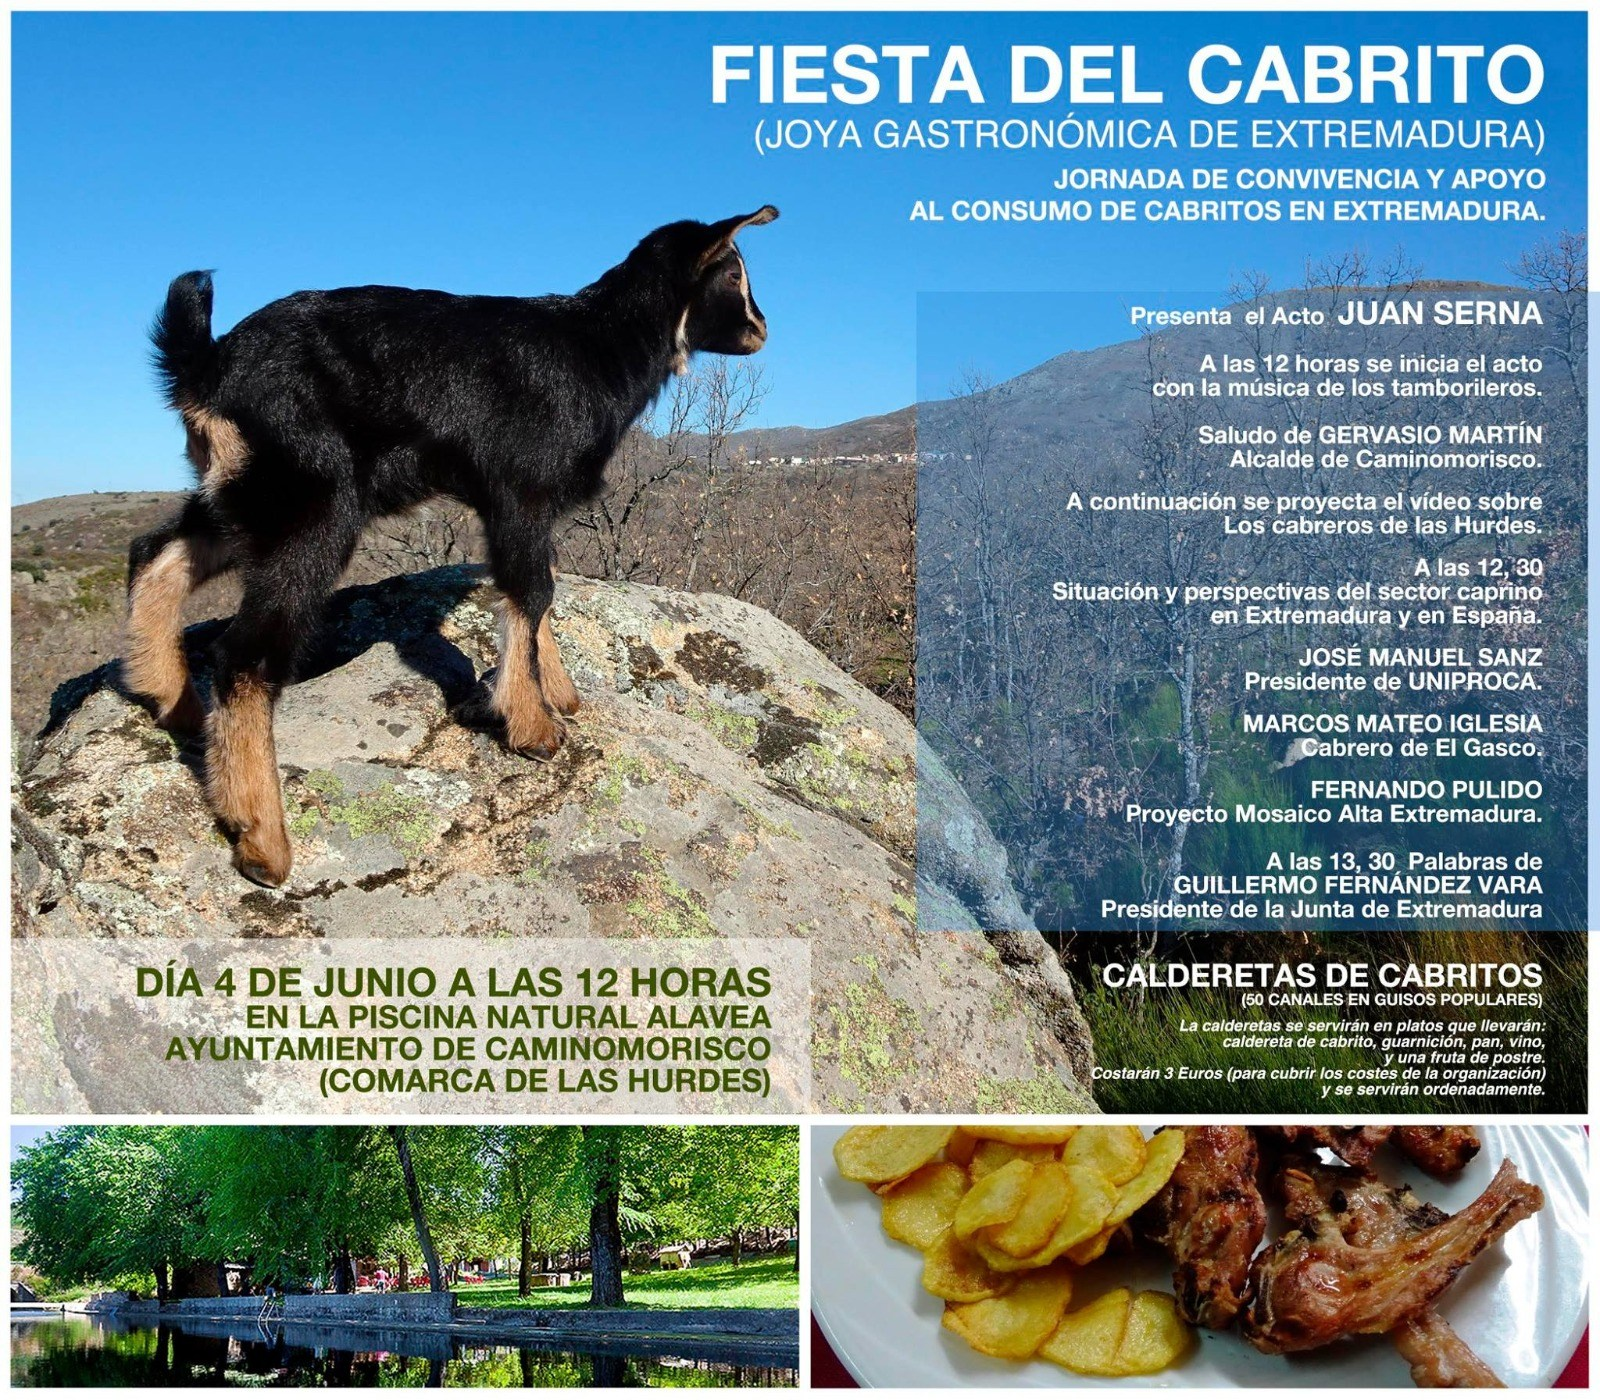 I Fiesta del cabrito -2017 - Tasting Extremadura